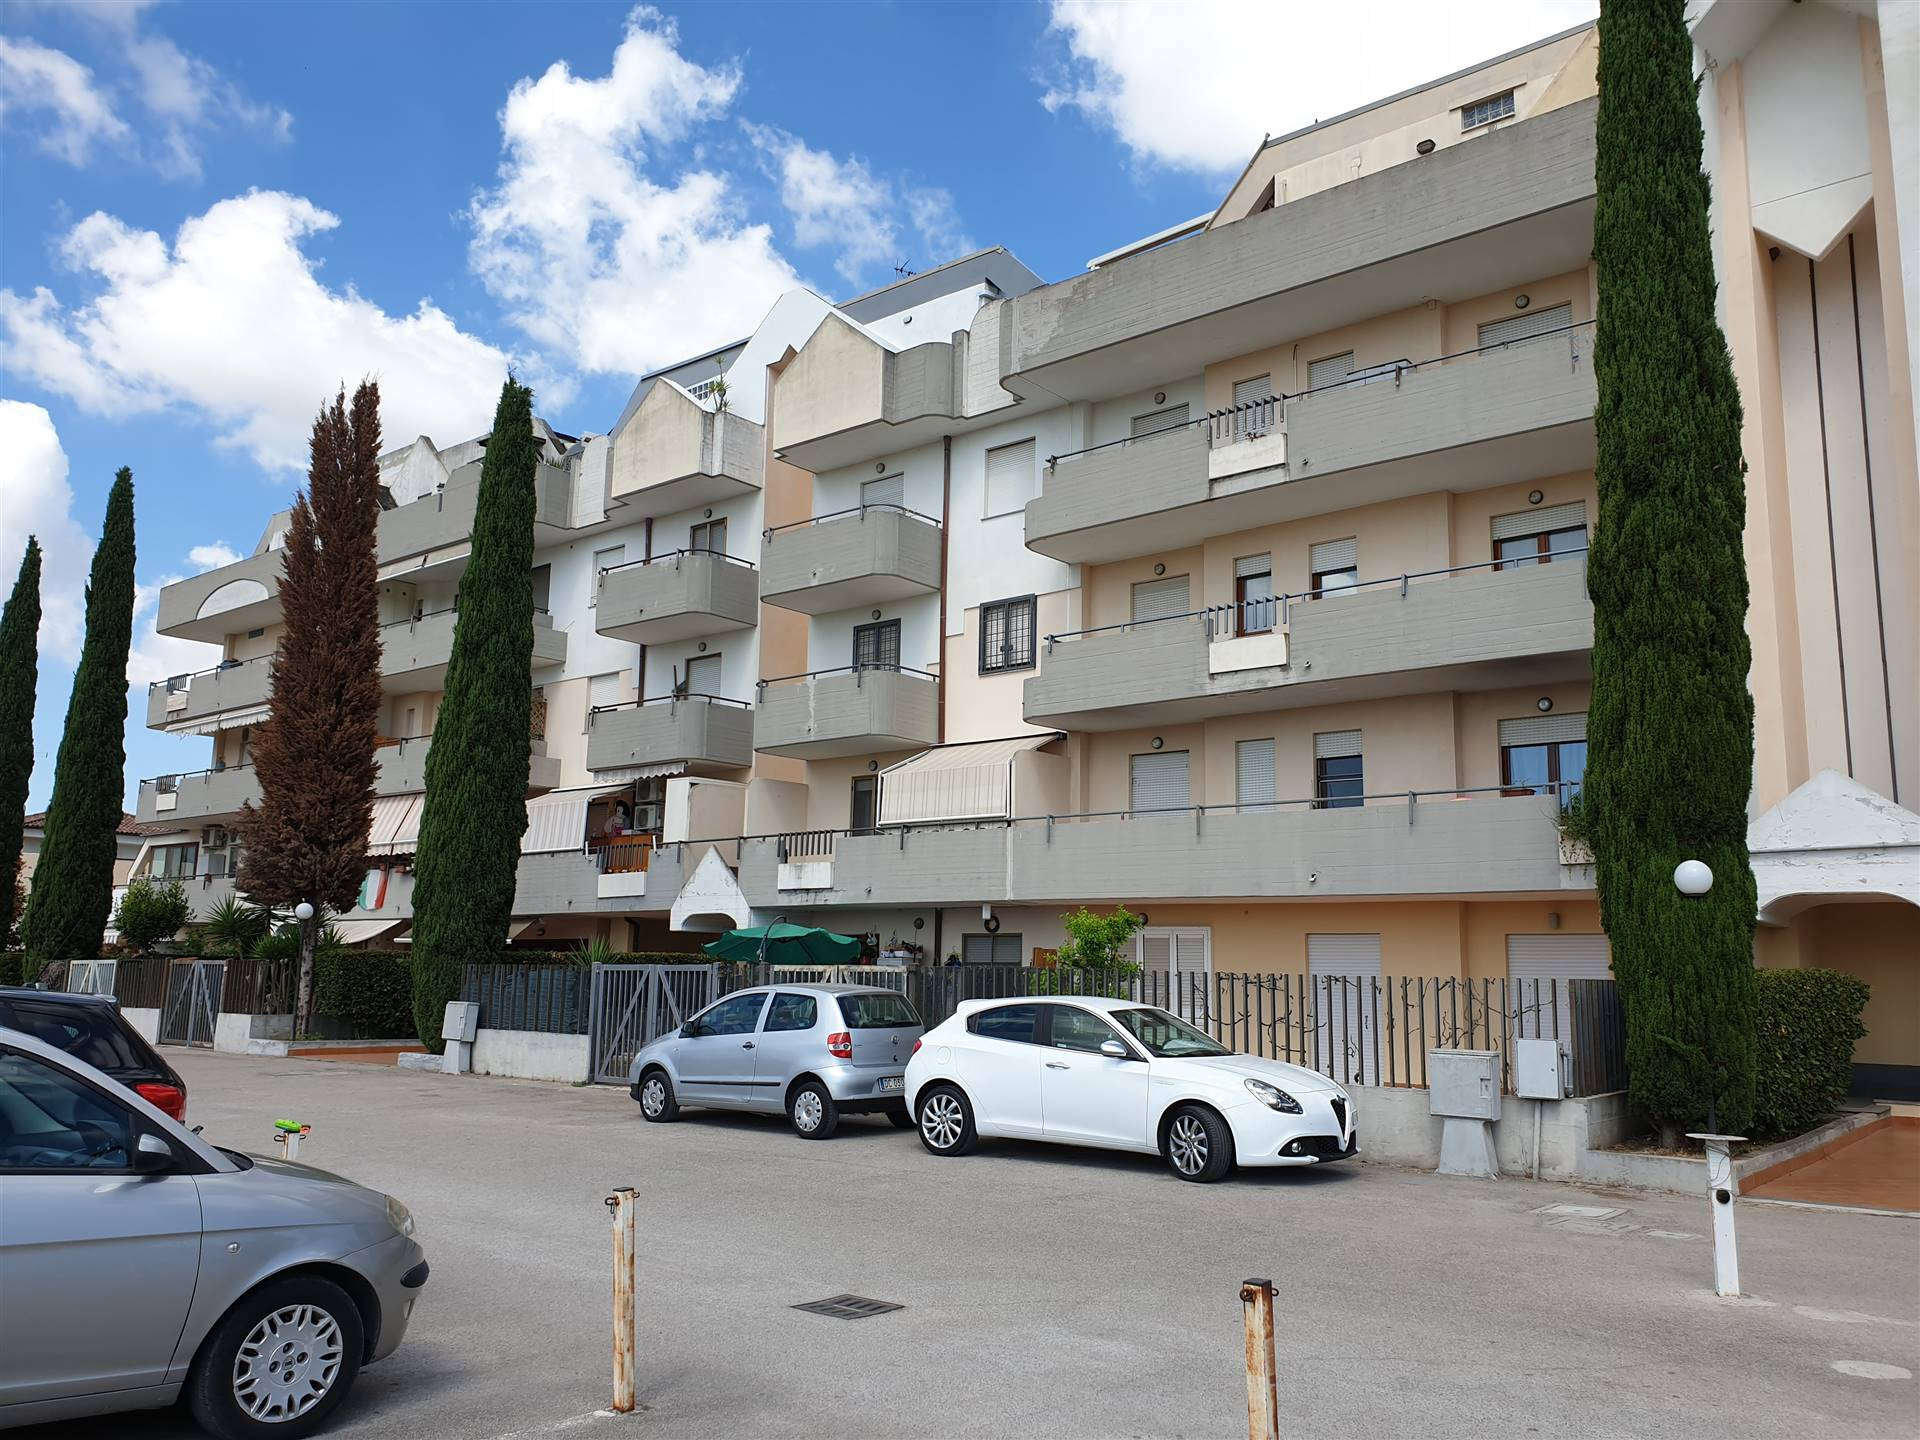 Appartamento in vendita a Latina, 3 locali, zona Zona: Borgo Piave, prezzo € 140.000 | CambioCasa.it